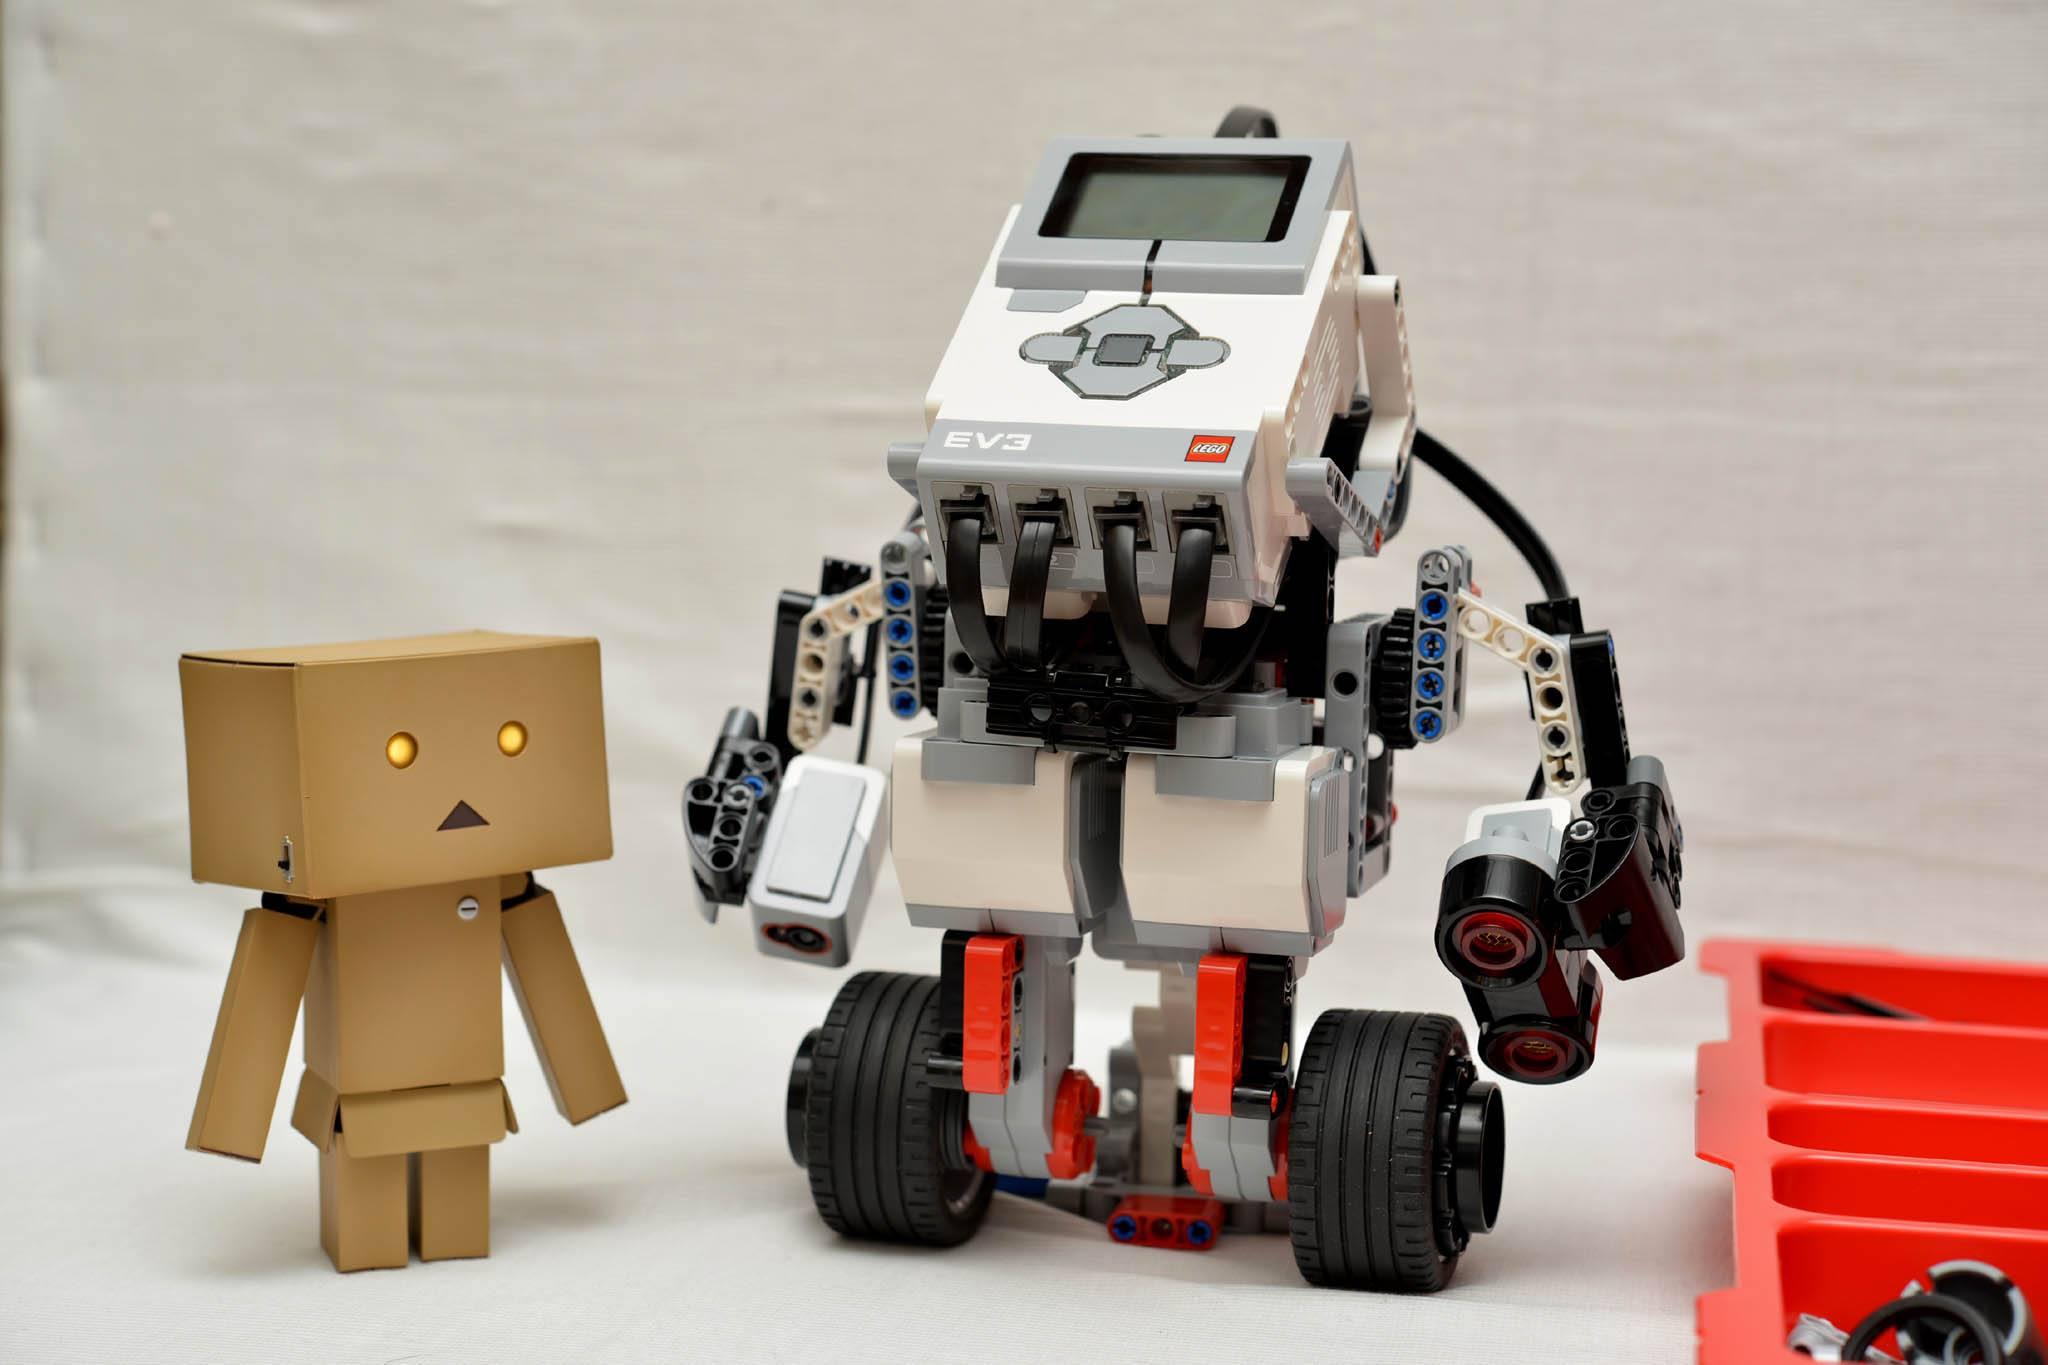 蓝云之鹰机器人教育加盟怎么样?清晰的流程,让您稳赢!